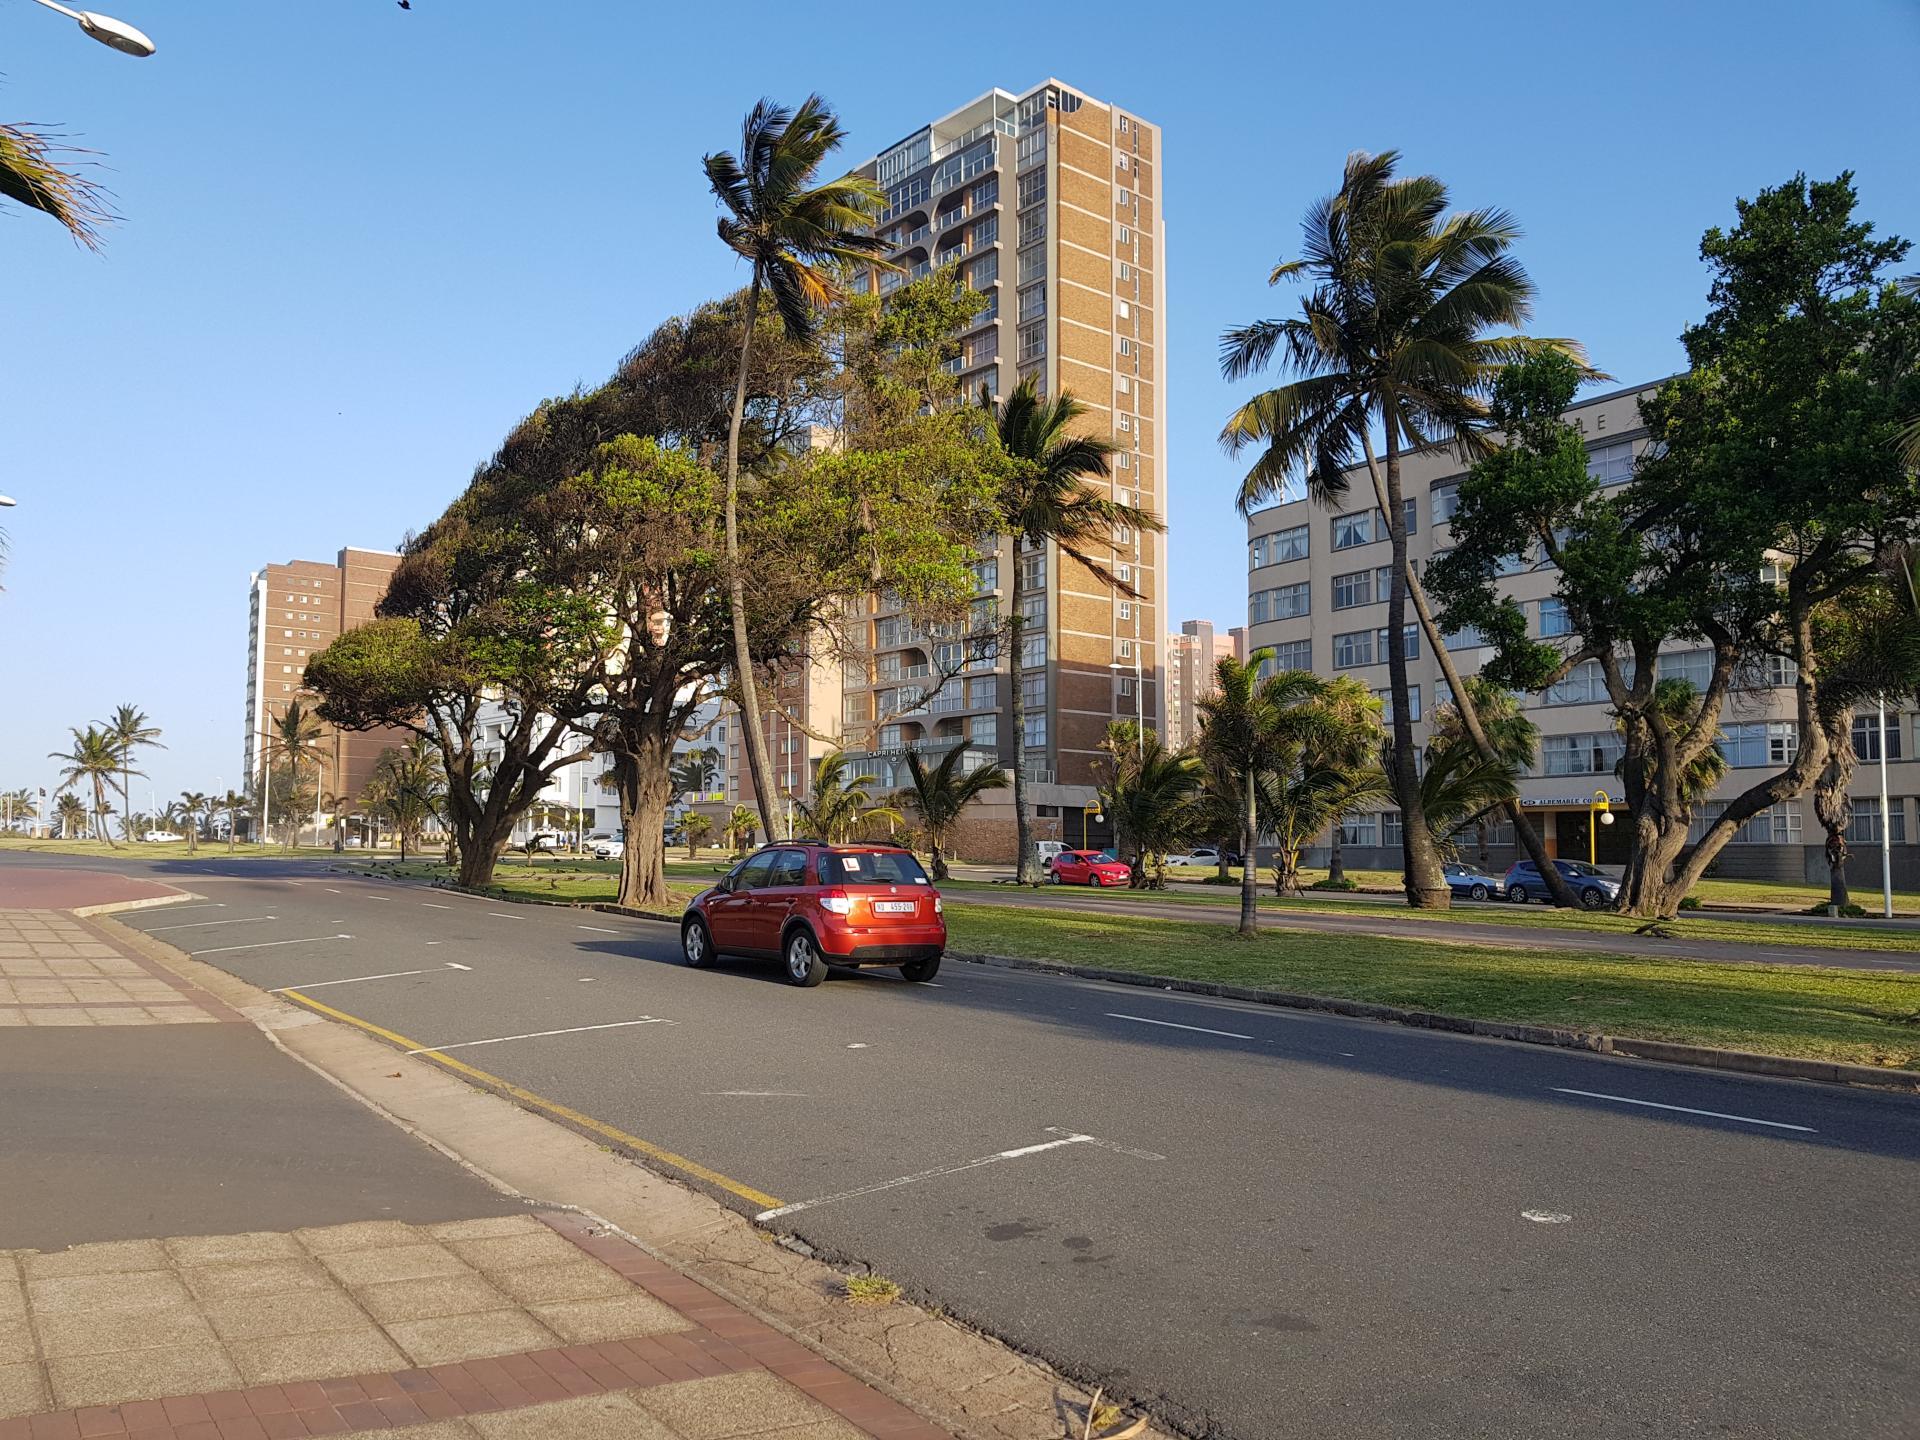 Улицы в Дурбане, ЮАР